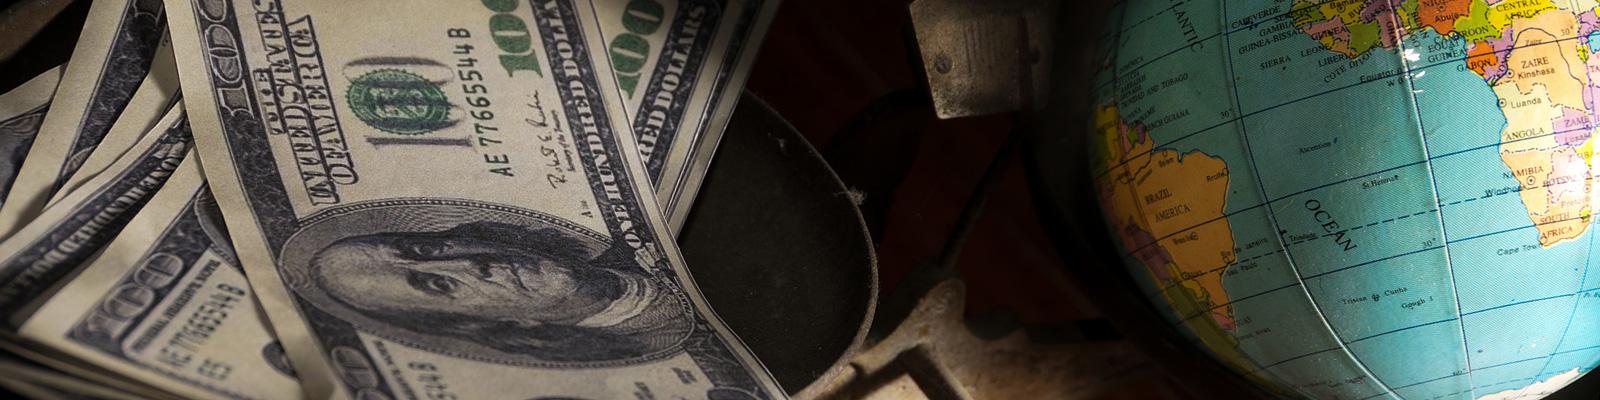 地球儀 お金 訴訟